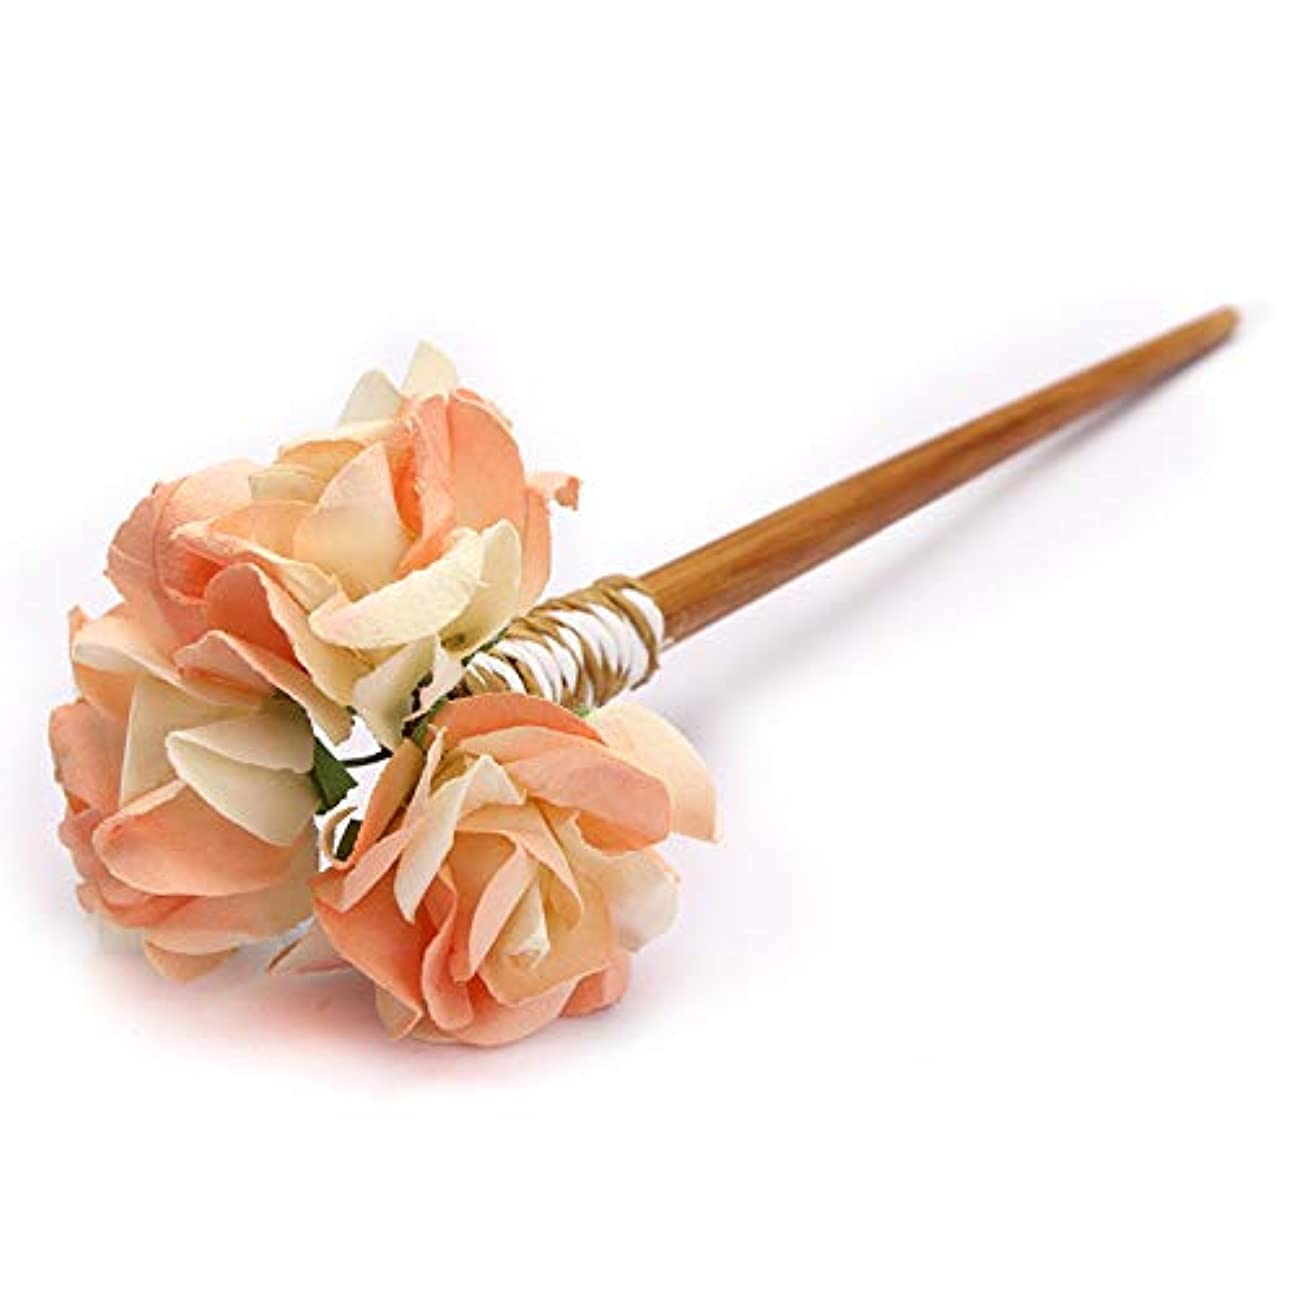 アシストカリング人柄HuaQingPiJu-JP クラシックフラワーヘアクリップマニュアルパレス結婚式アクセサリーエレガントなコートヘアクリップギフト(ライトイエロー)